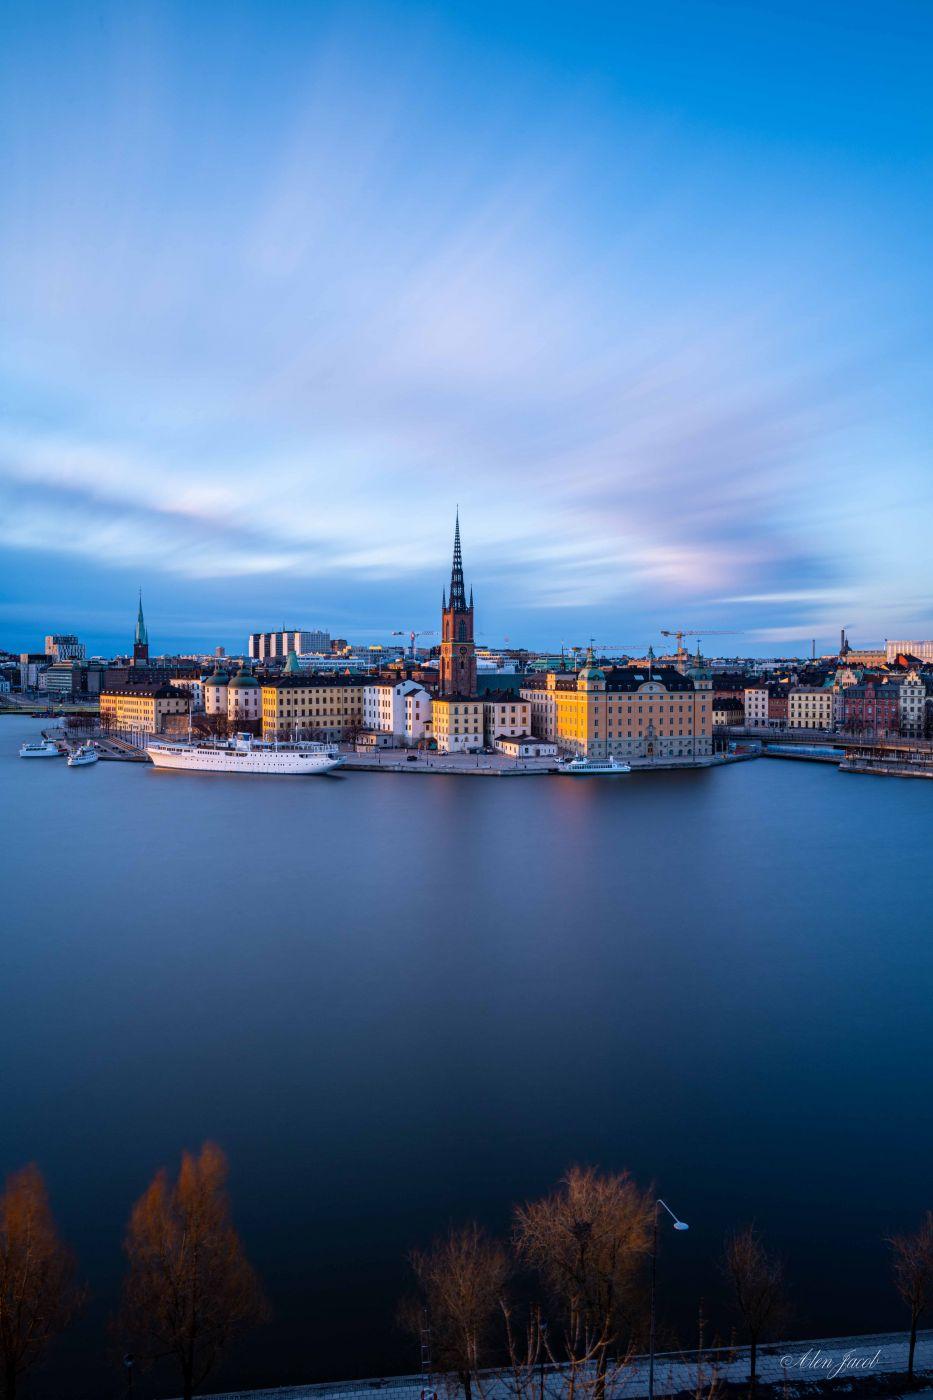 Ridarholmen, Sweden